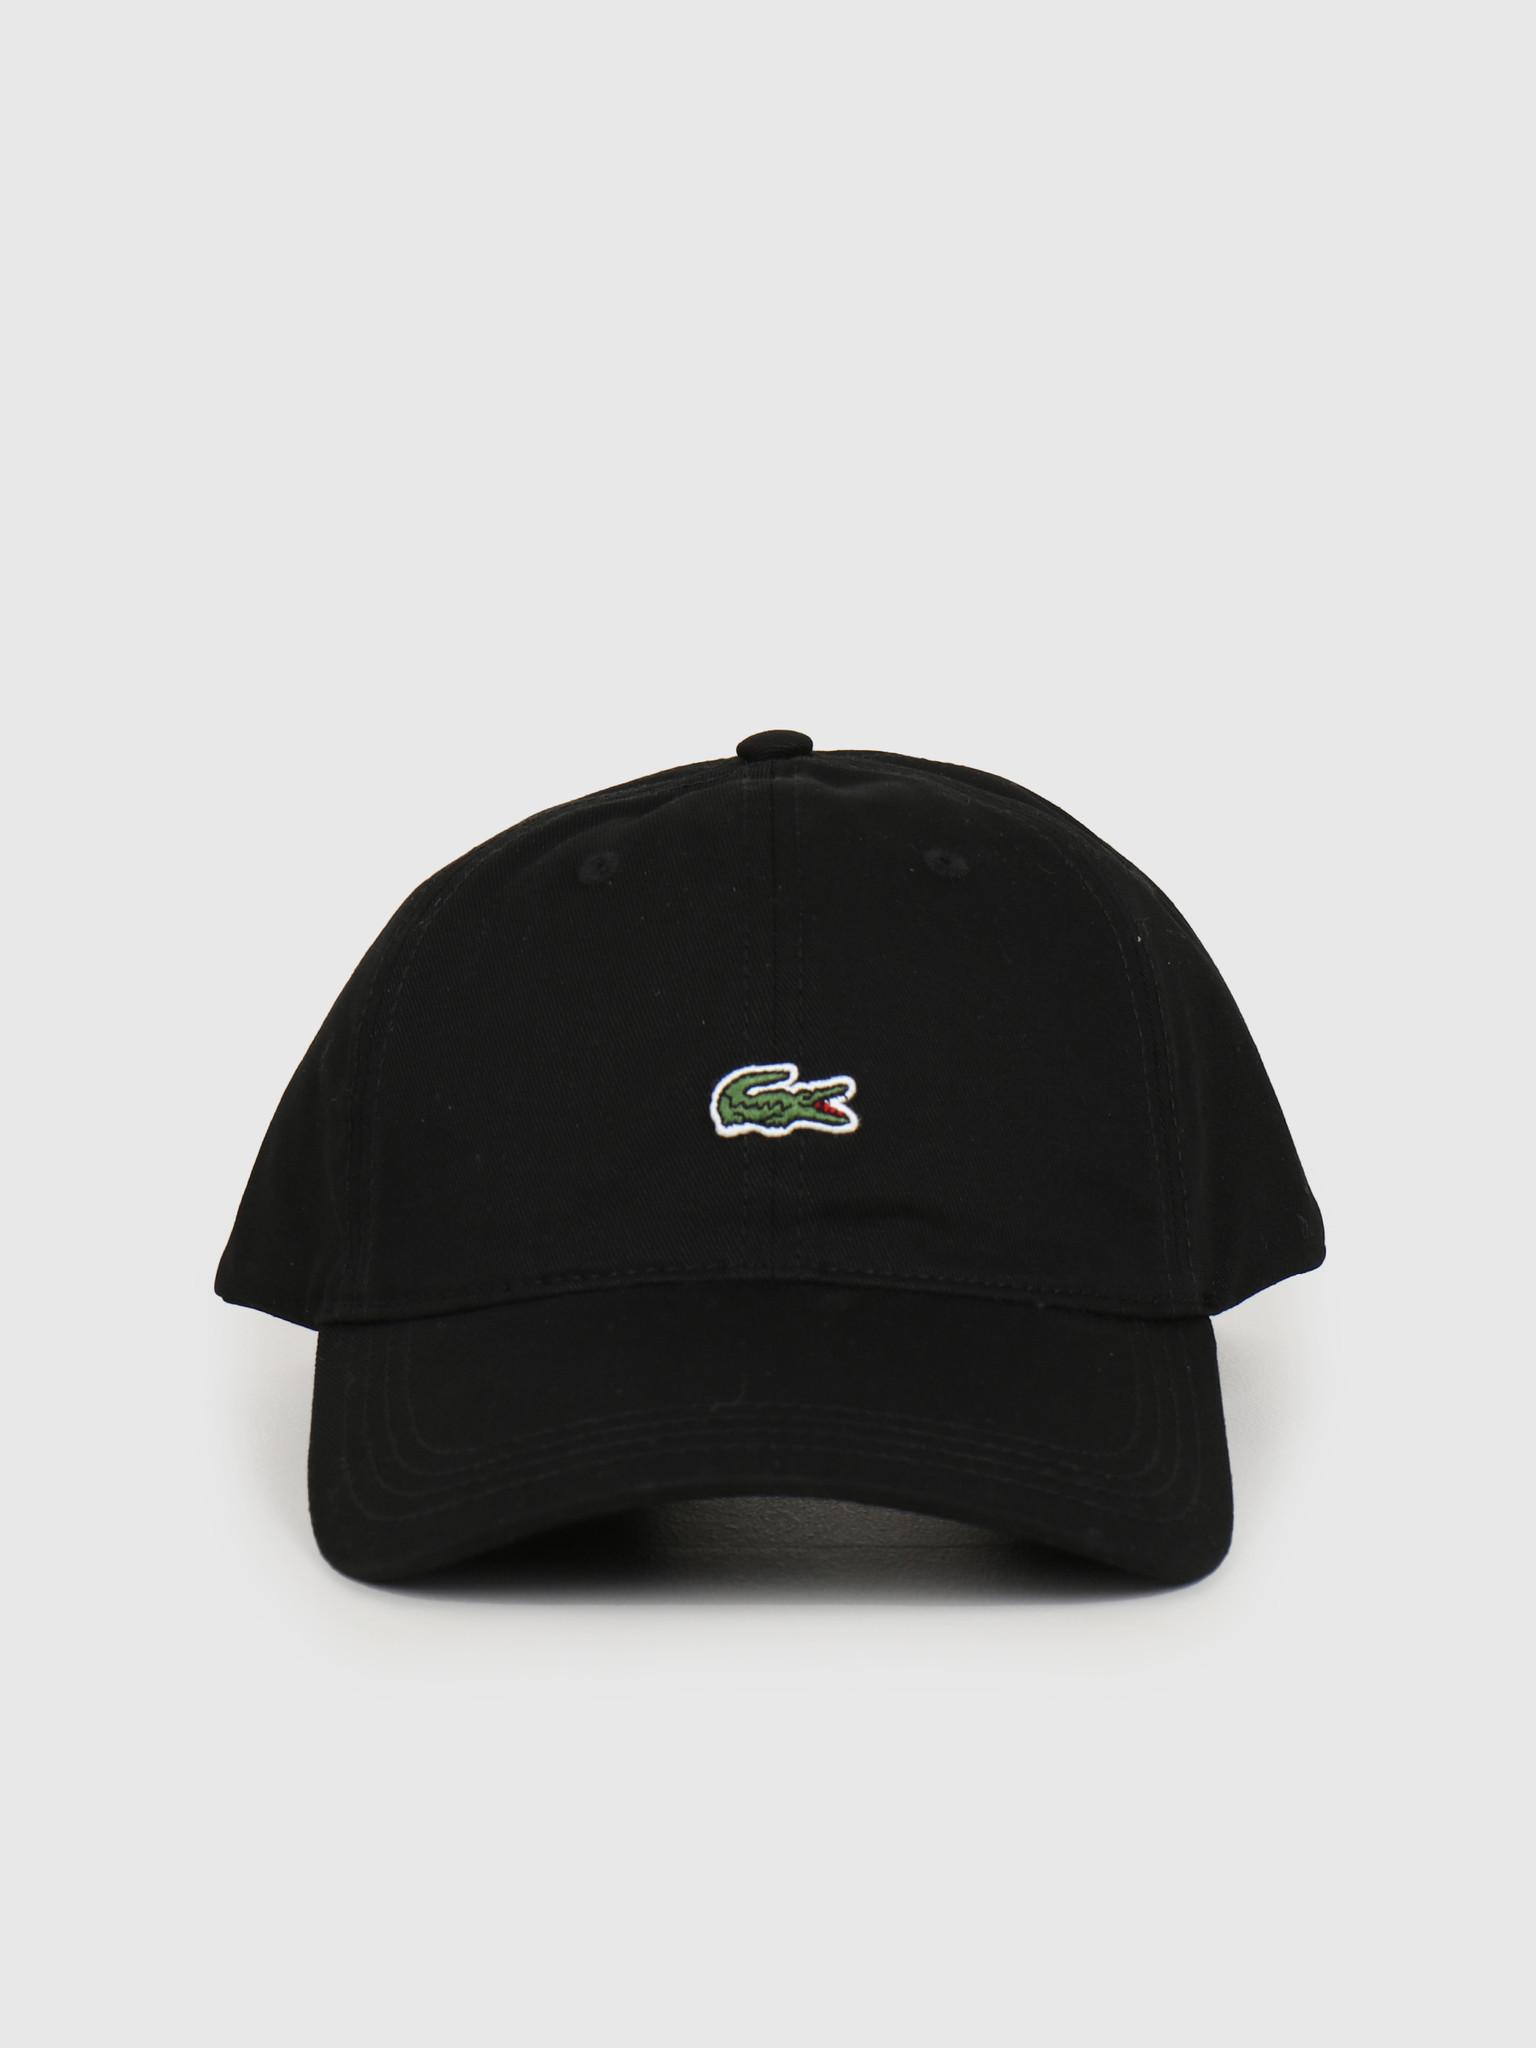 Lacoste Lacoste 2G4C Cap 012 Black RK4714-01